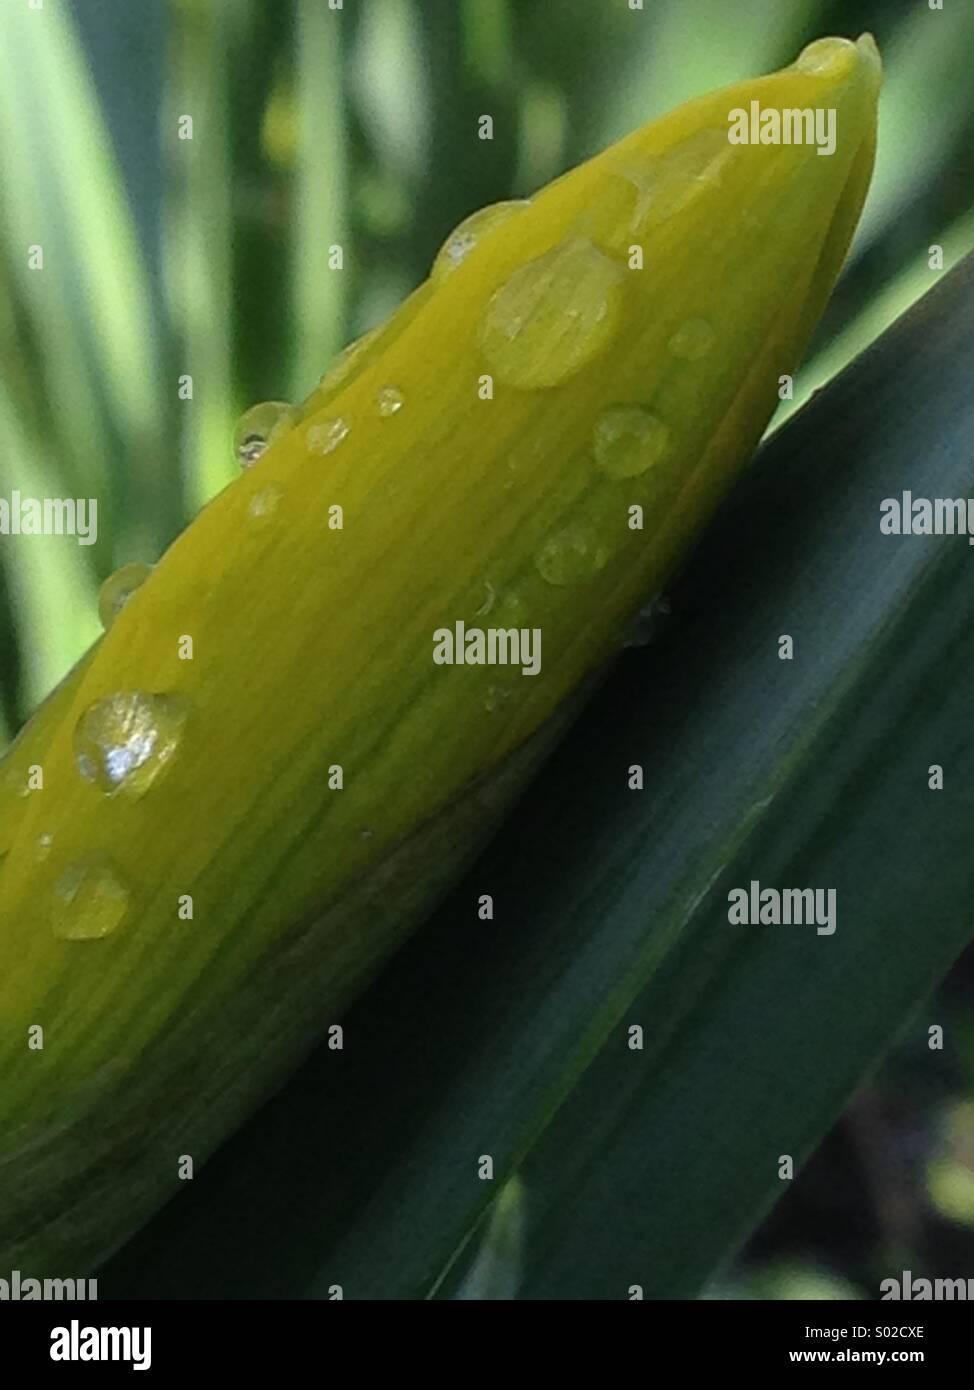 Narciso botón floral con hojas verdes y las gotitas de agua Imagen De Stock